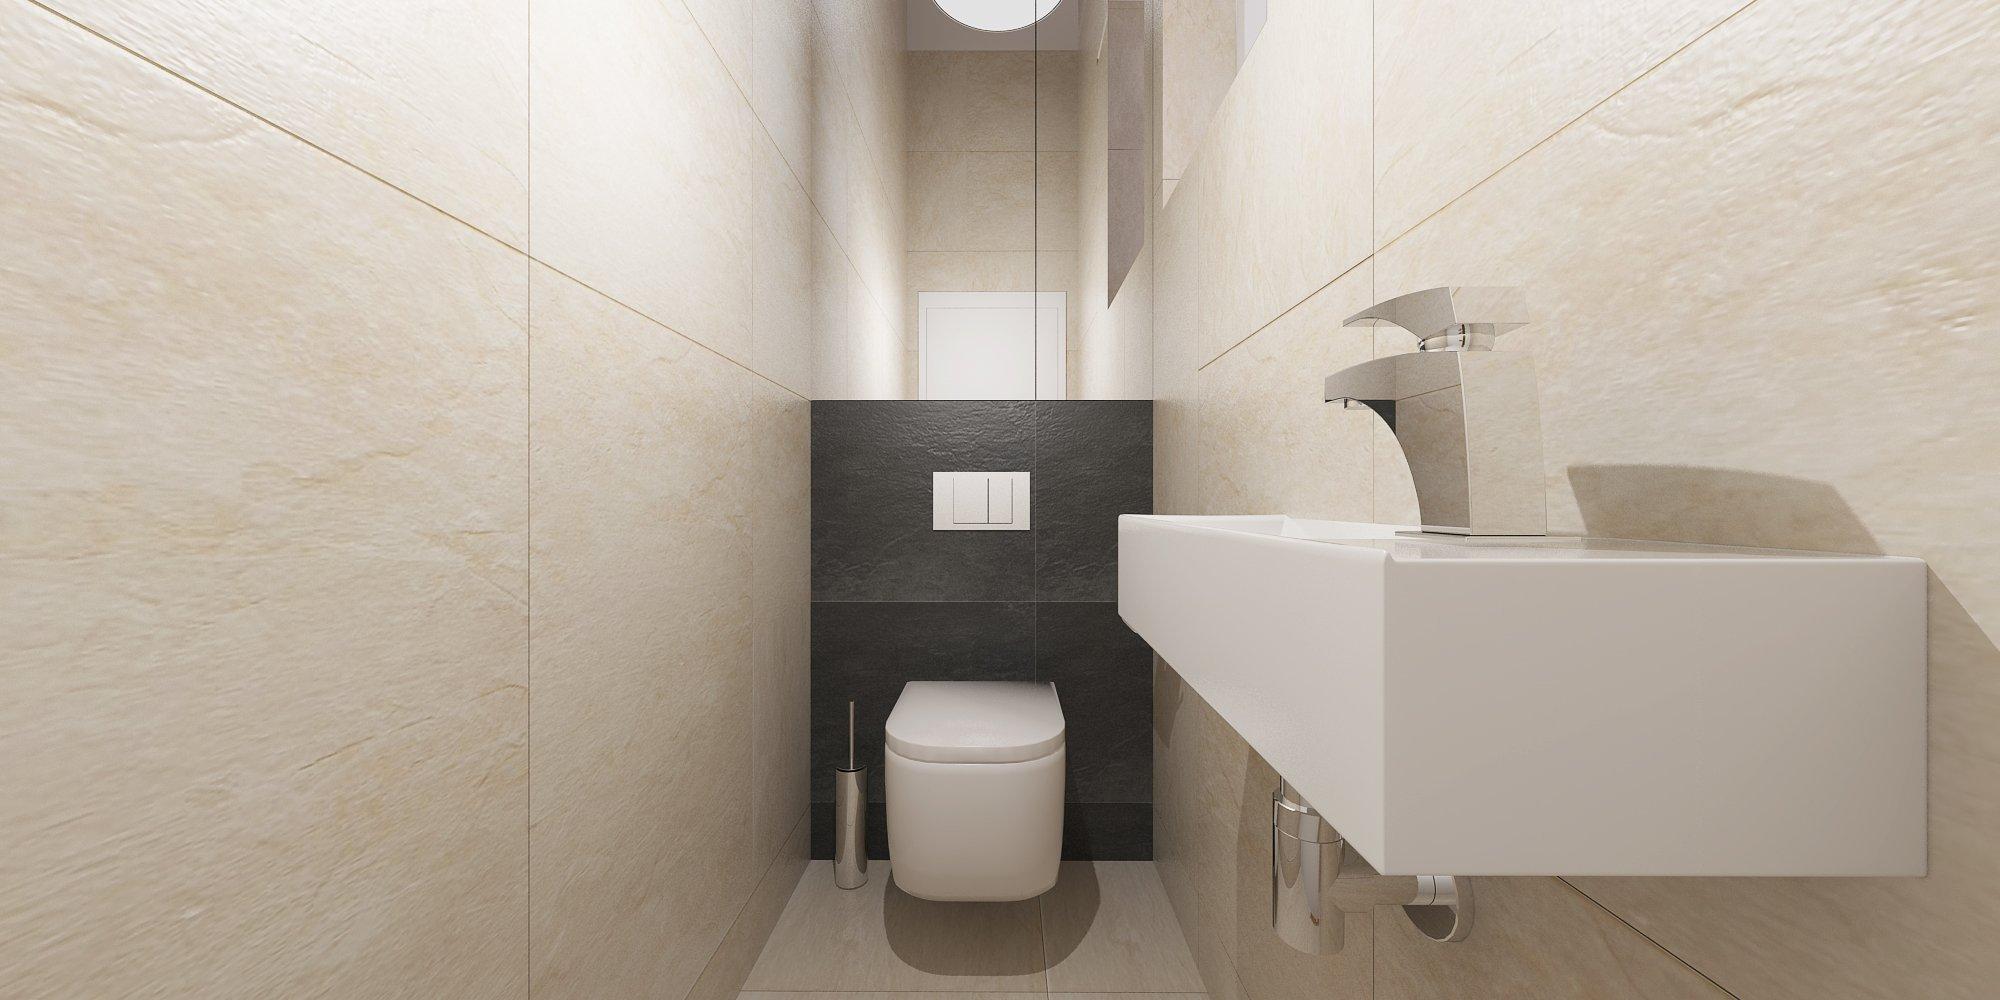 Byty v Starom Meste sú špecifické nádychom minulého storočia. Vysoké stropy, vŕzgajúce podlahy či zlaté klučky v tomto projekte majú veľký význam, ktorý sme s…